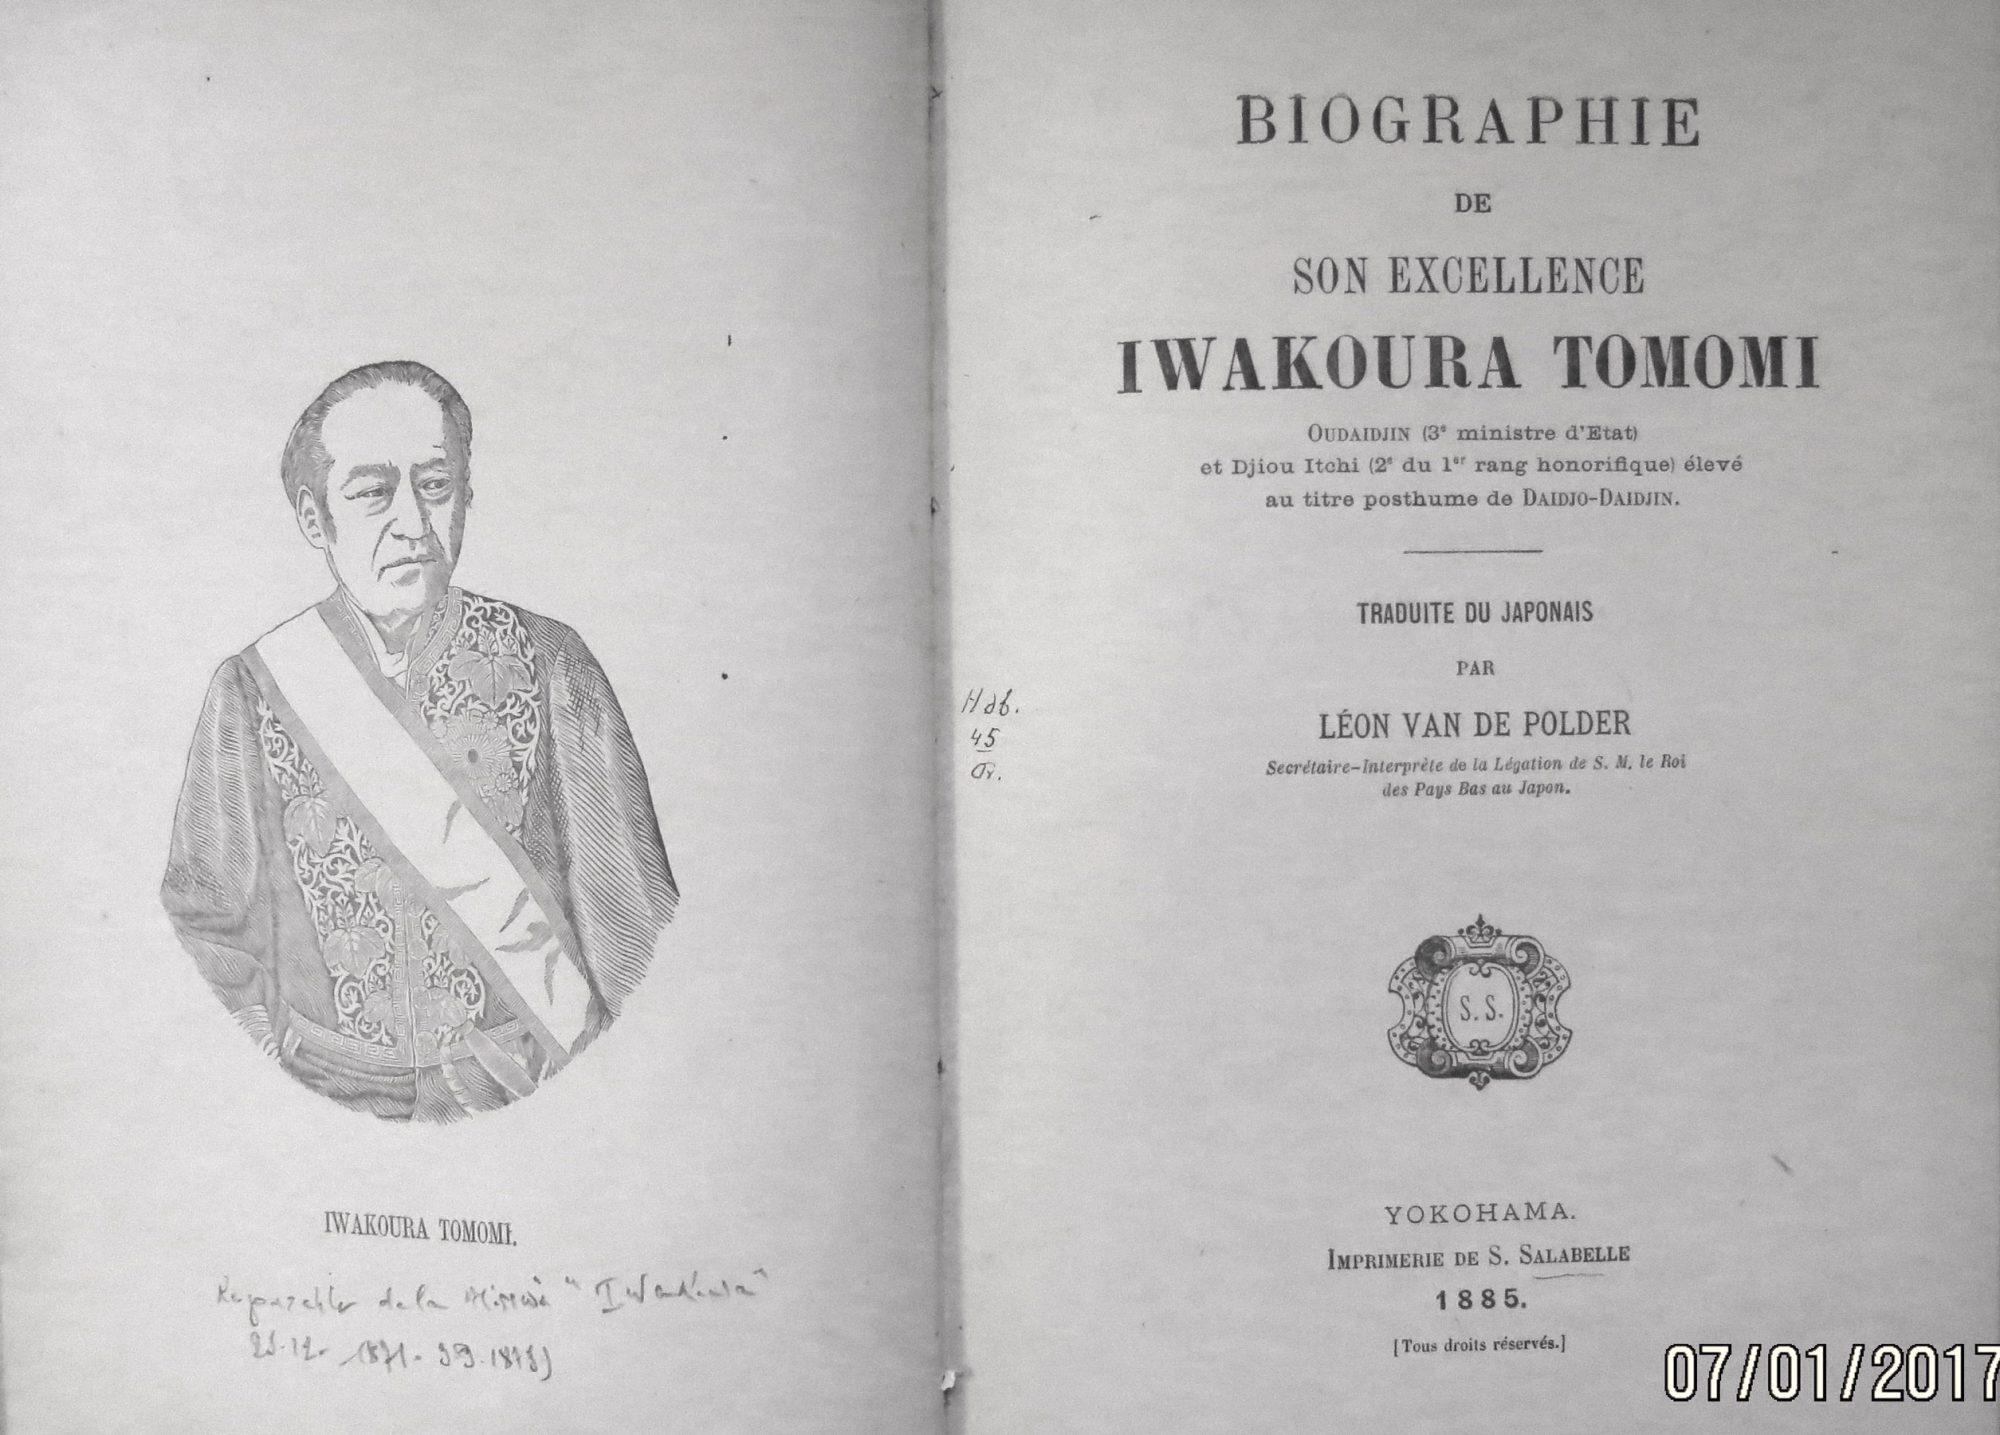 Biographie de son Excellence Iwakoura Tomomi, oudaijin (3e ministre d'Etat) et Dijiou Itchi (2e du 1er rang honorifique) élevé au titre posthume de Daidjo-Daidjin